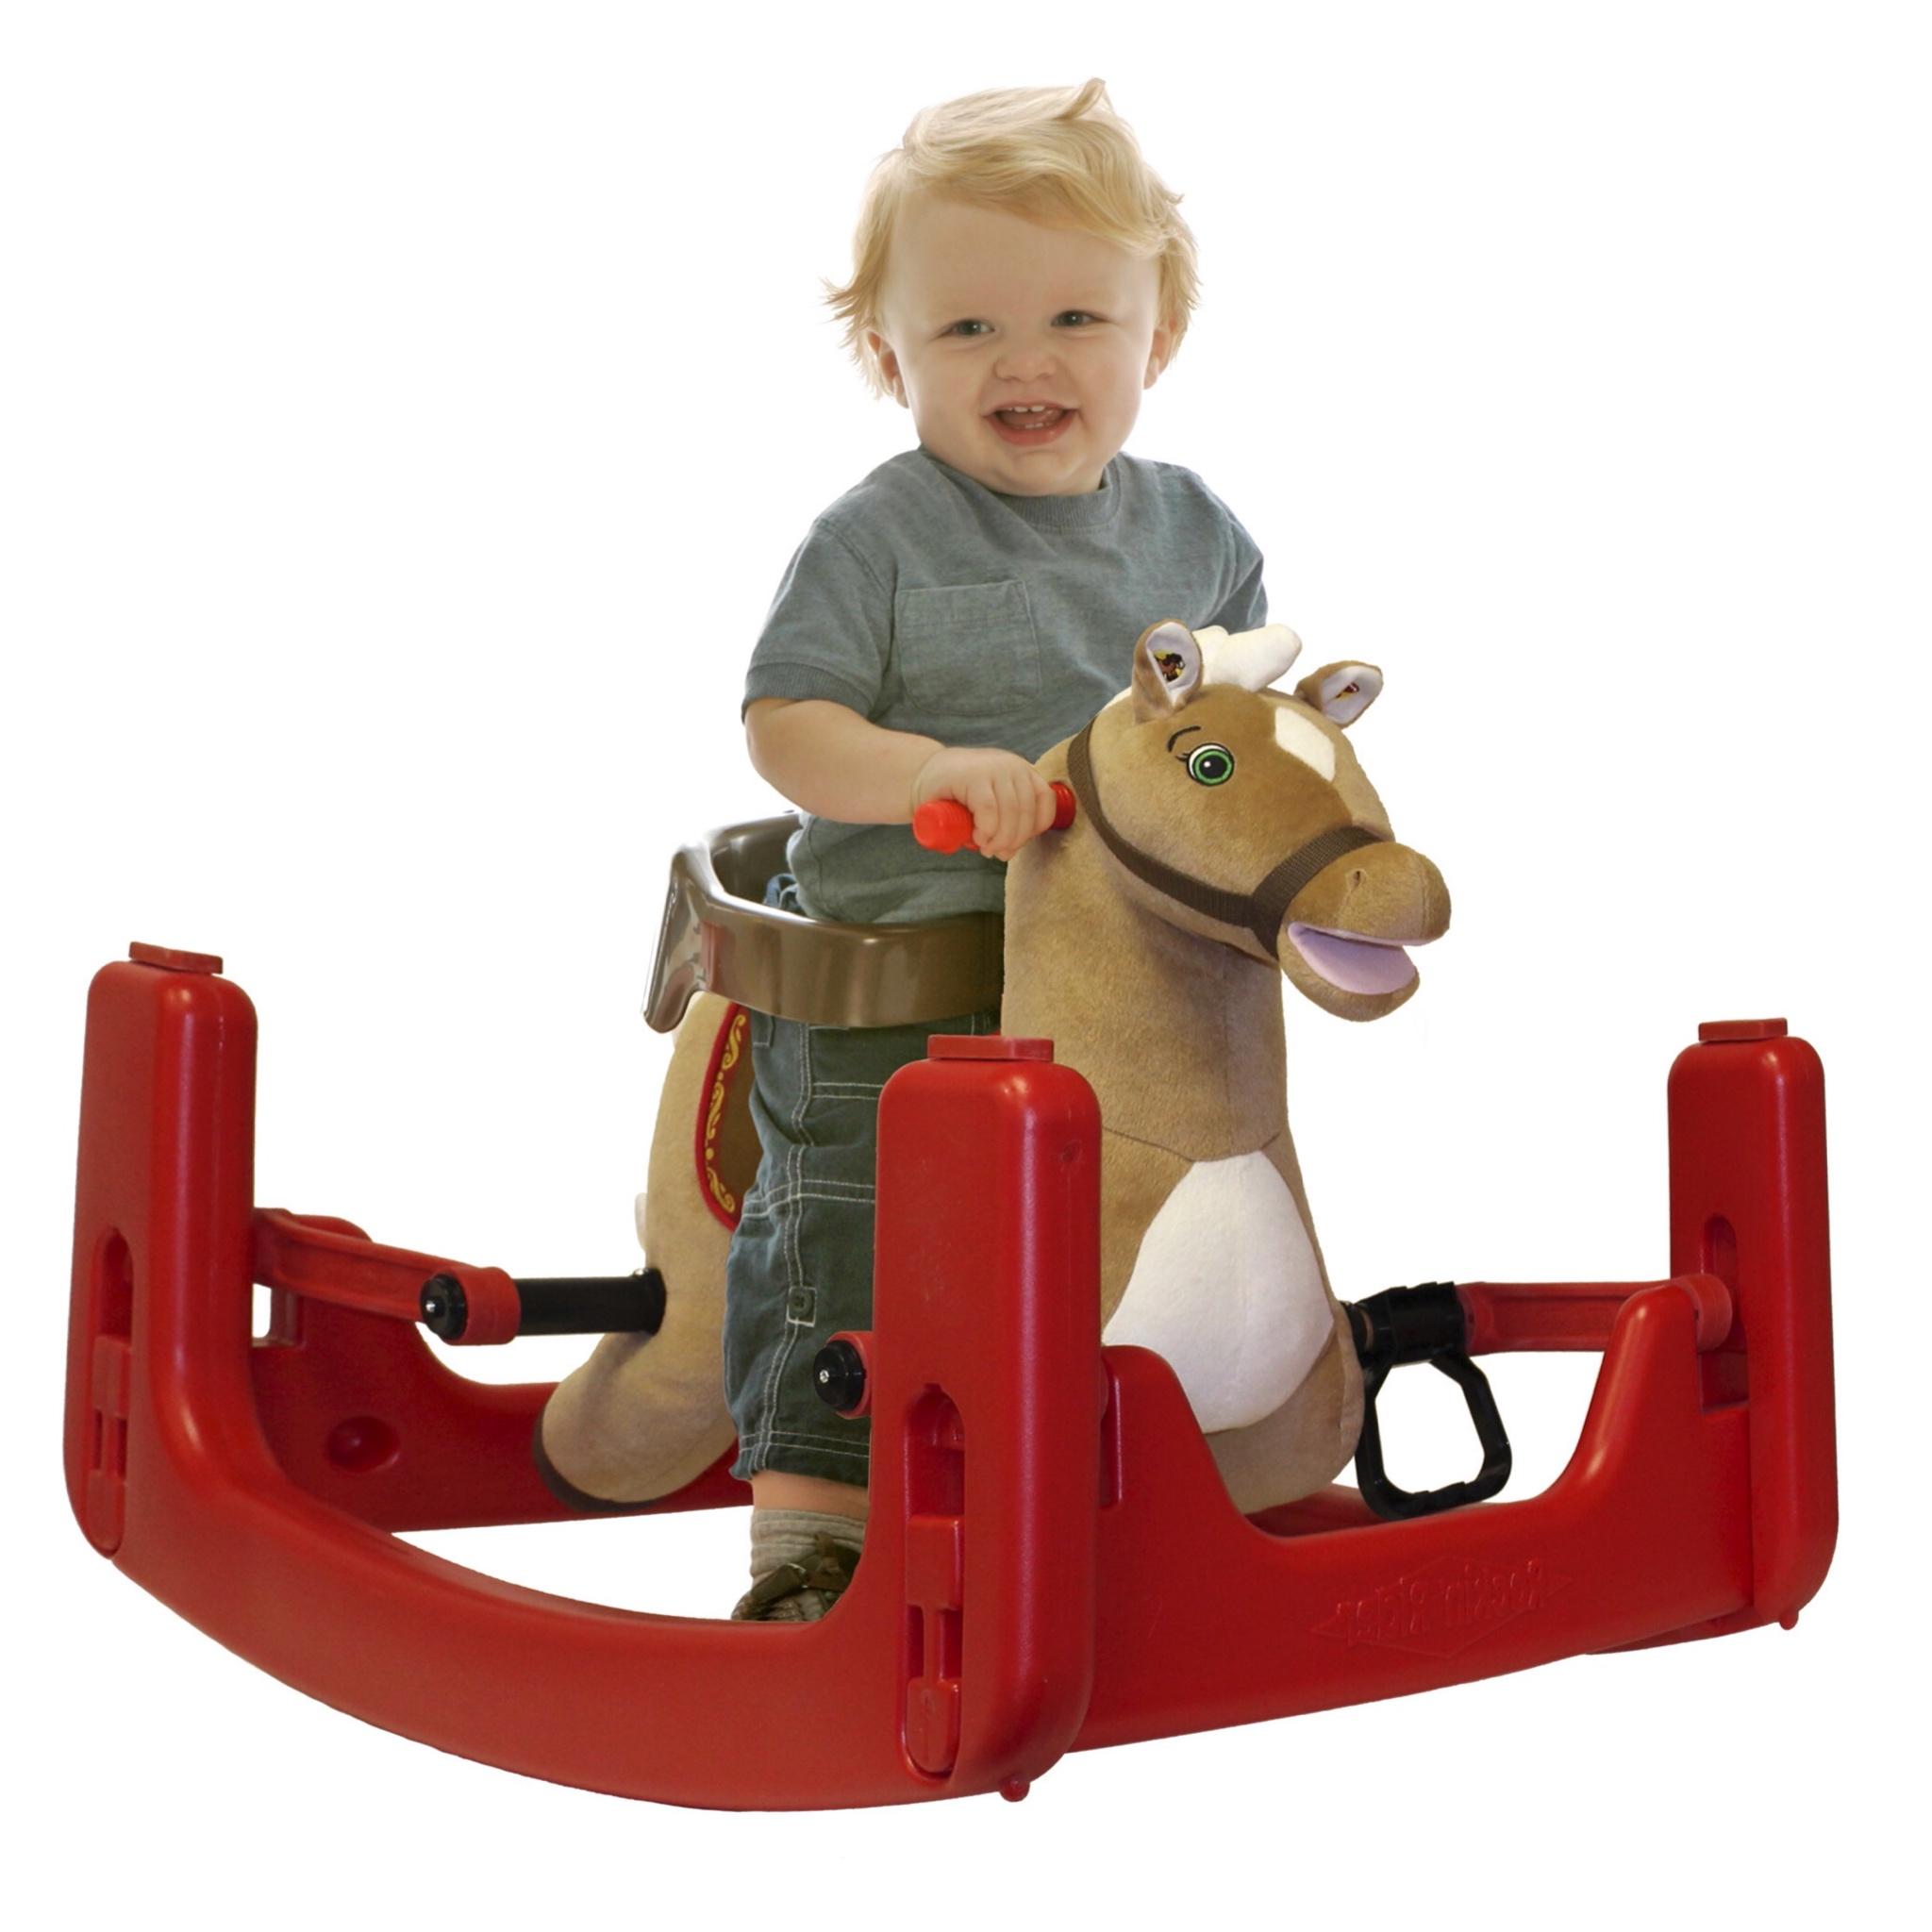 ม้าโยกไกวเด้งดึ๋งสุดมหัศจรรย์ Rockin' Rider Grow-with-Me Pony (Legacy)